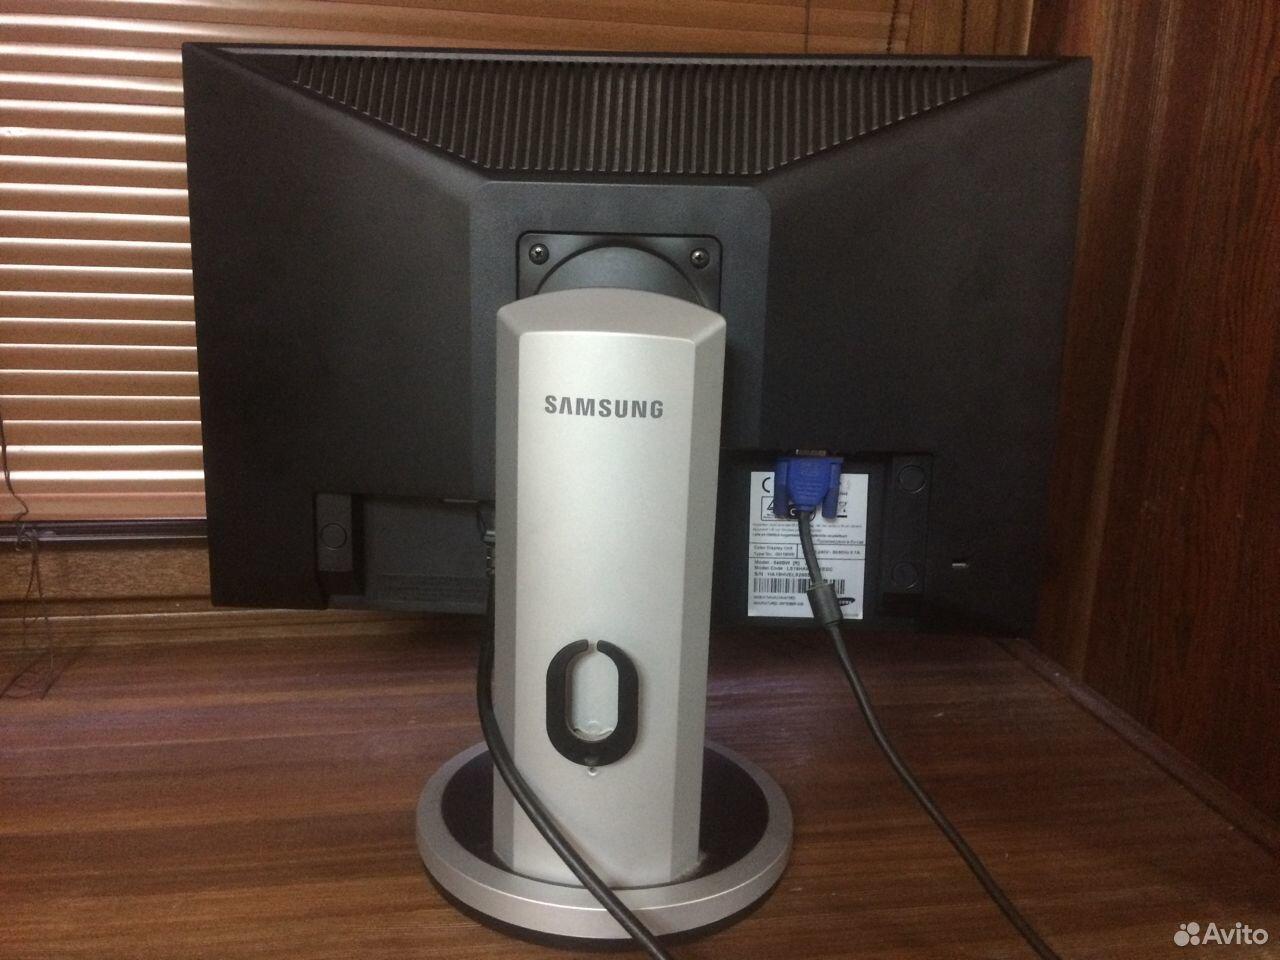 Классный монитор Samsung DVI Регулировка высоты  89964282819 купить 5